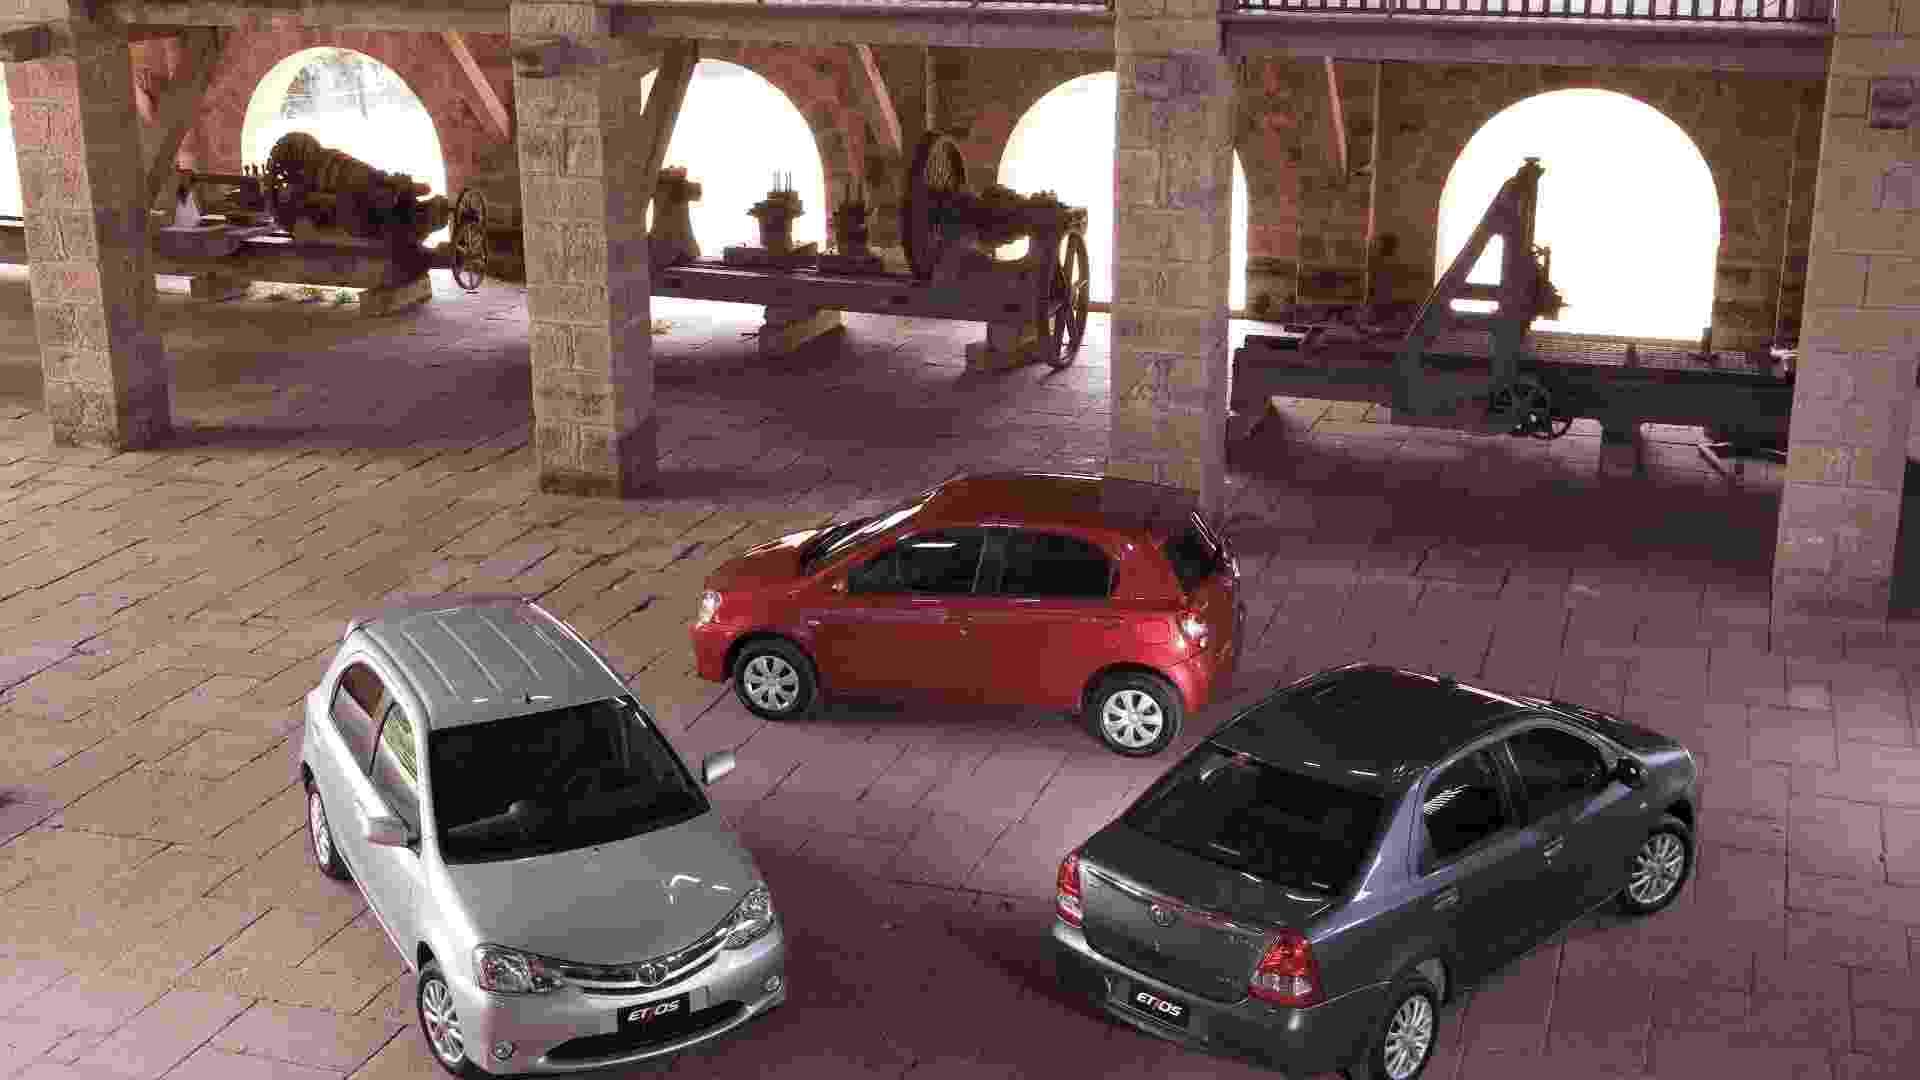 Toyota lança compacto Etios com duas carrocerias (hatch e sedã), motorização 1.3 e 1.5 e quatro versões de acabamento, com preços entre R$ 29.990 e R$ 44.690 - Divulgação